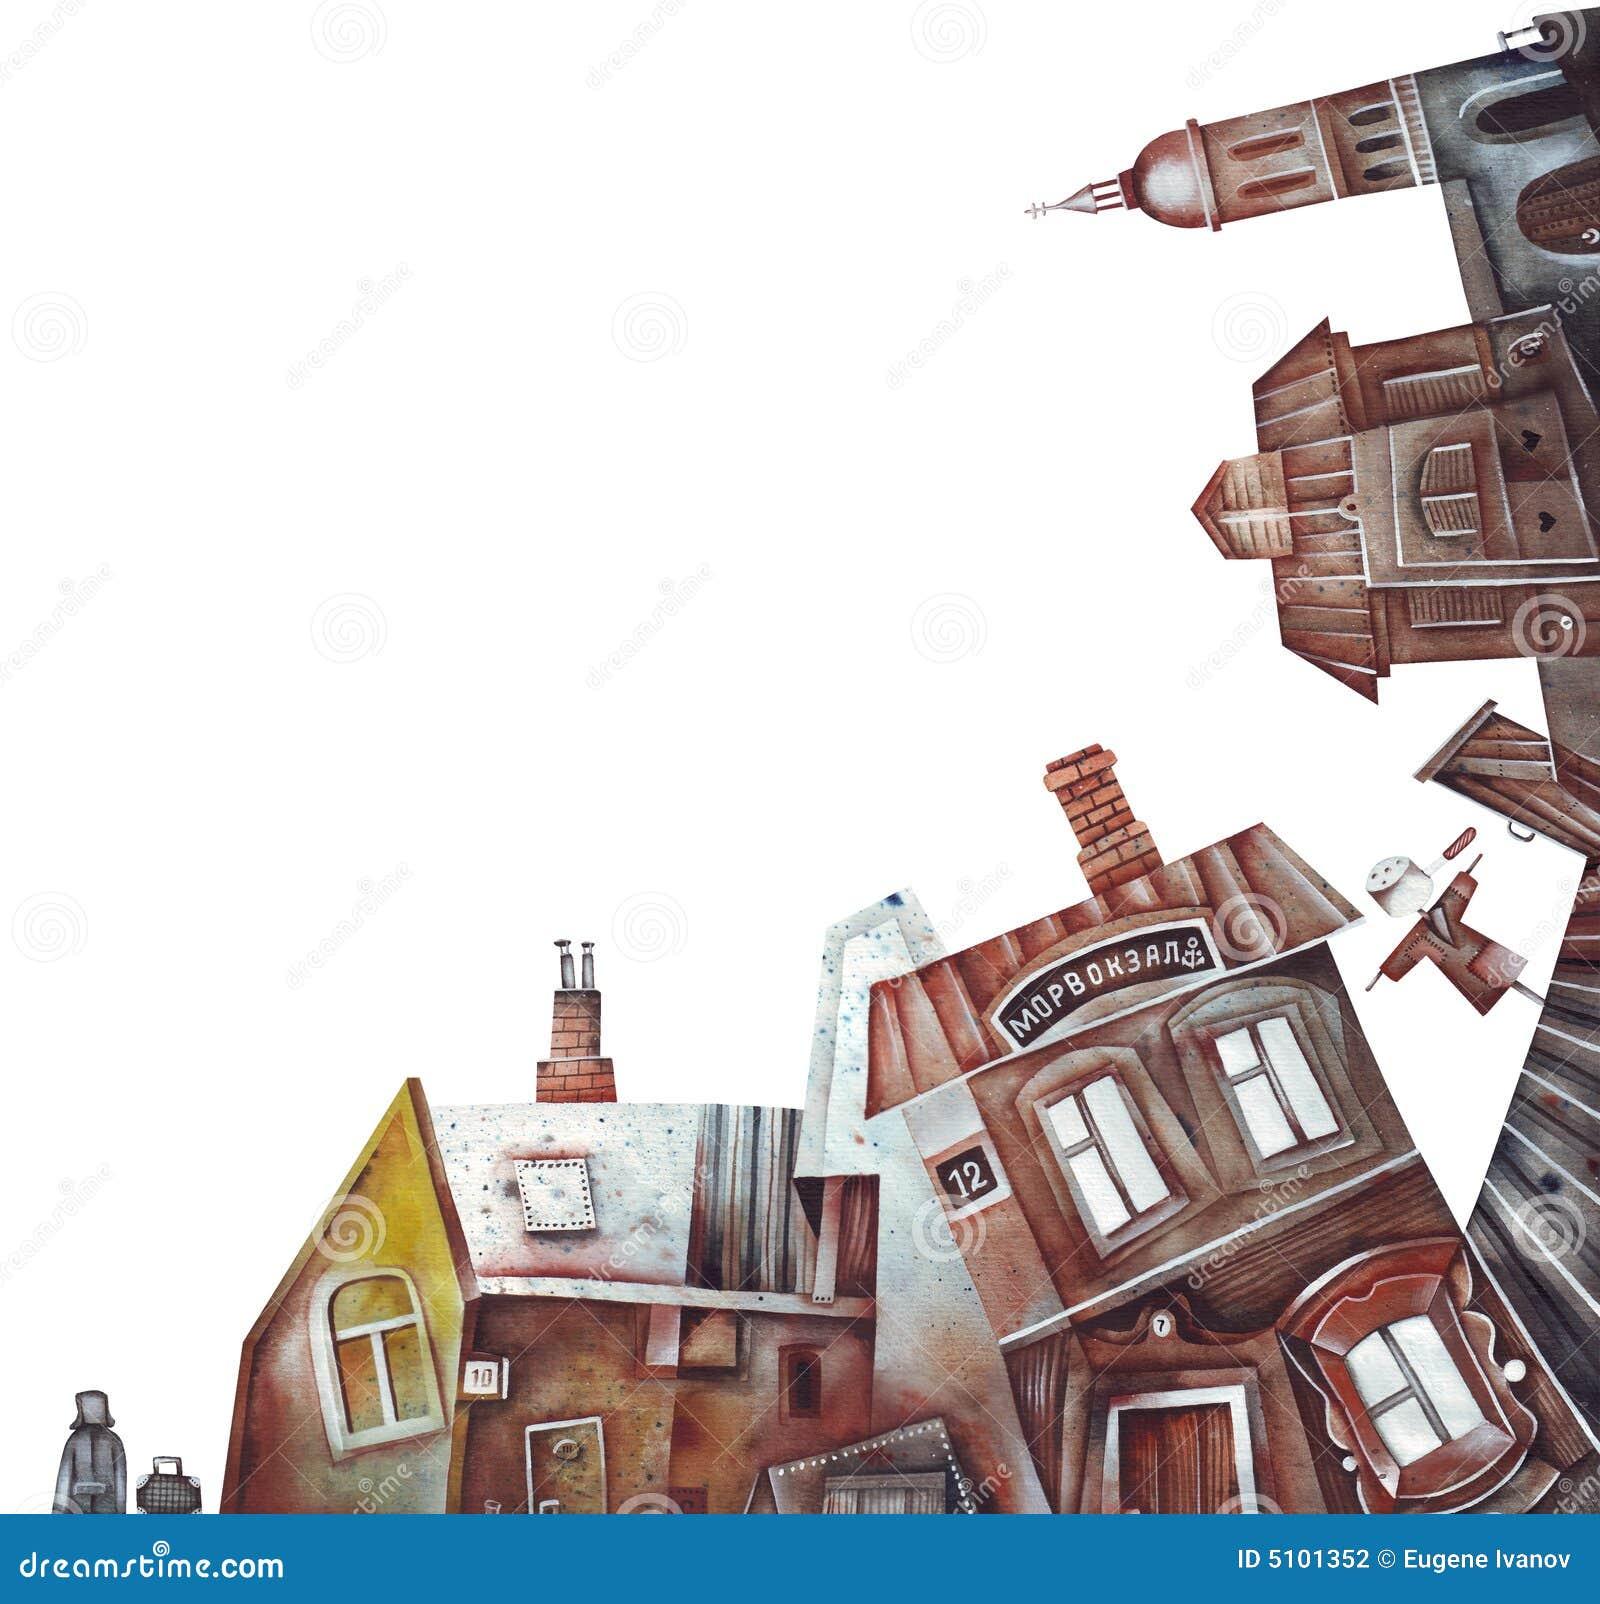 Landscape Illustration Vector Free: Old Town Or Village Landscape Stock Illustration